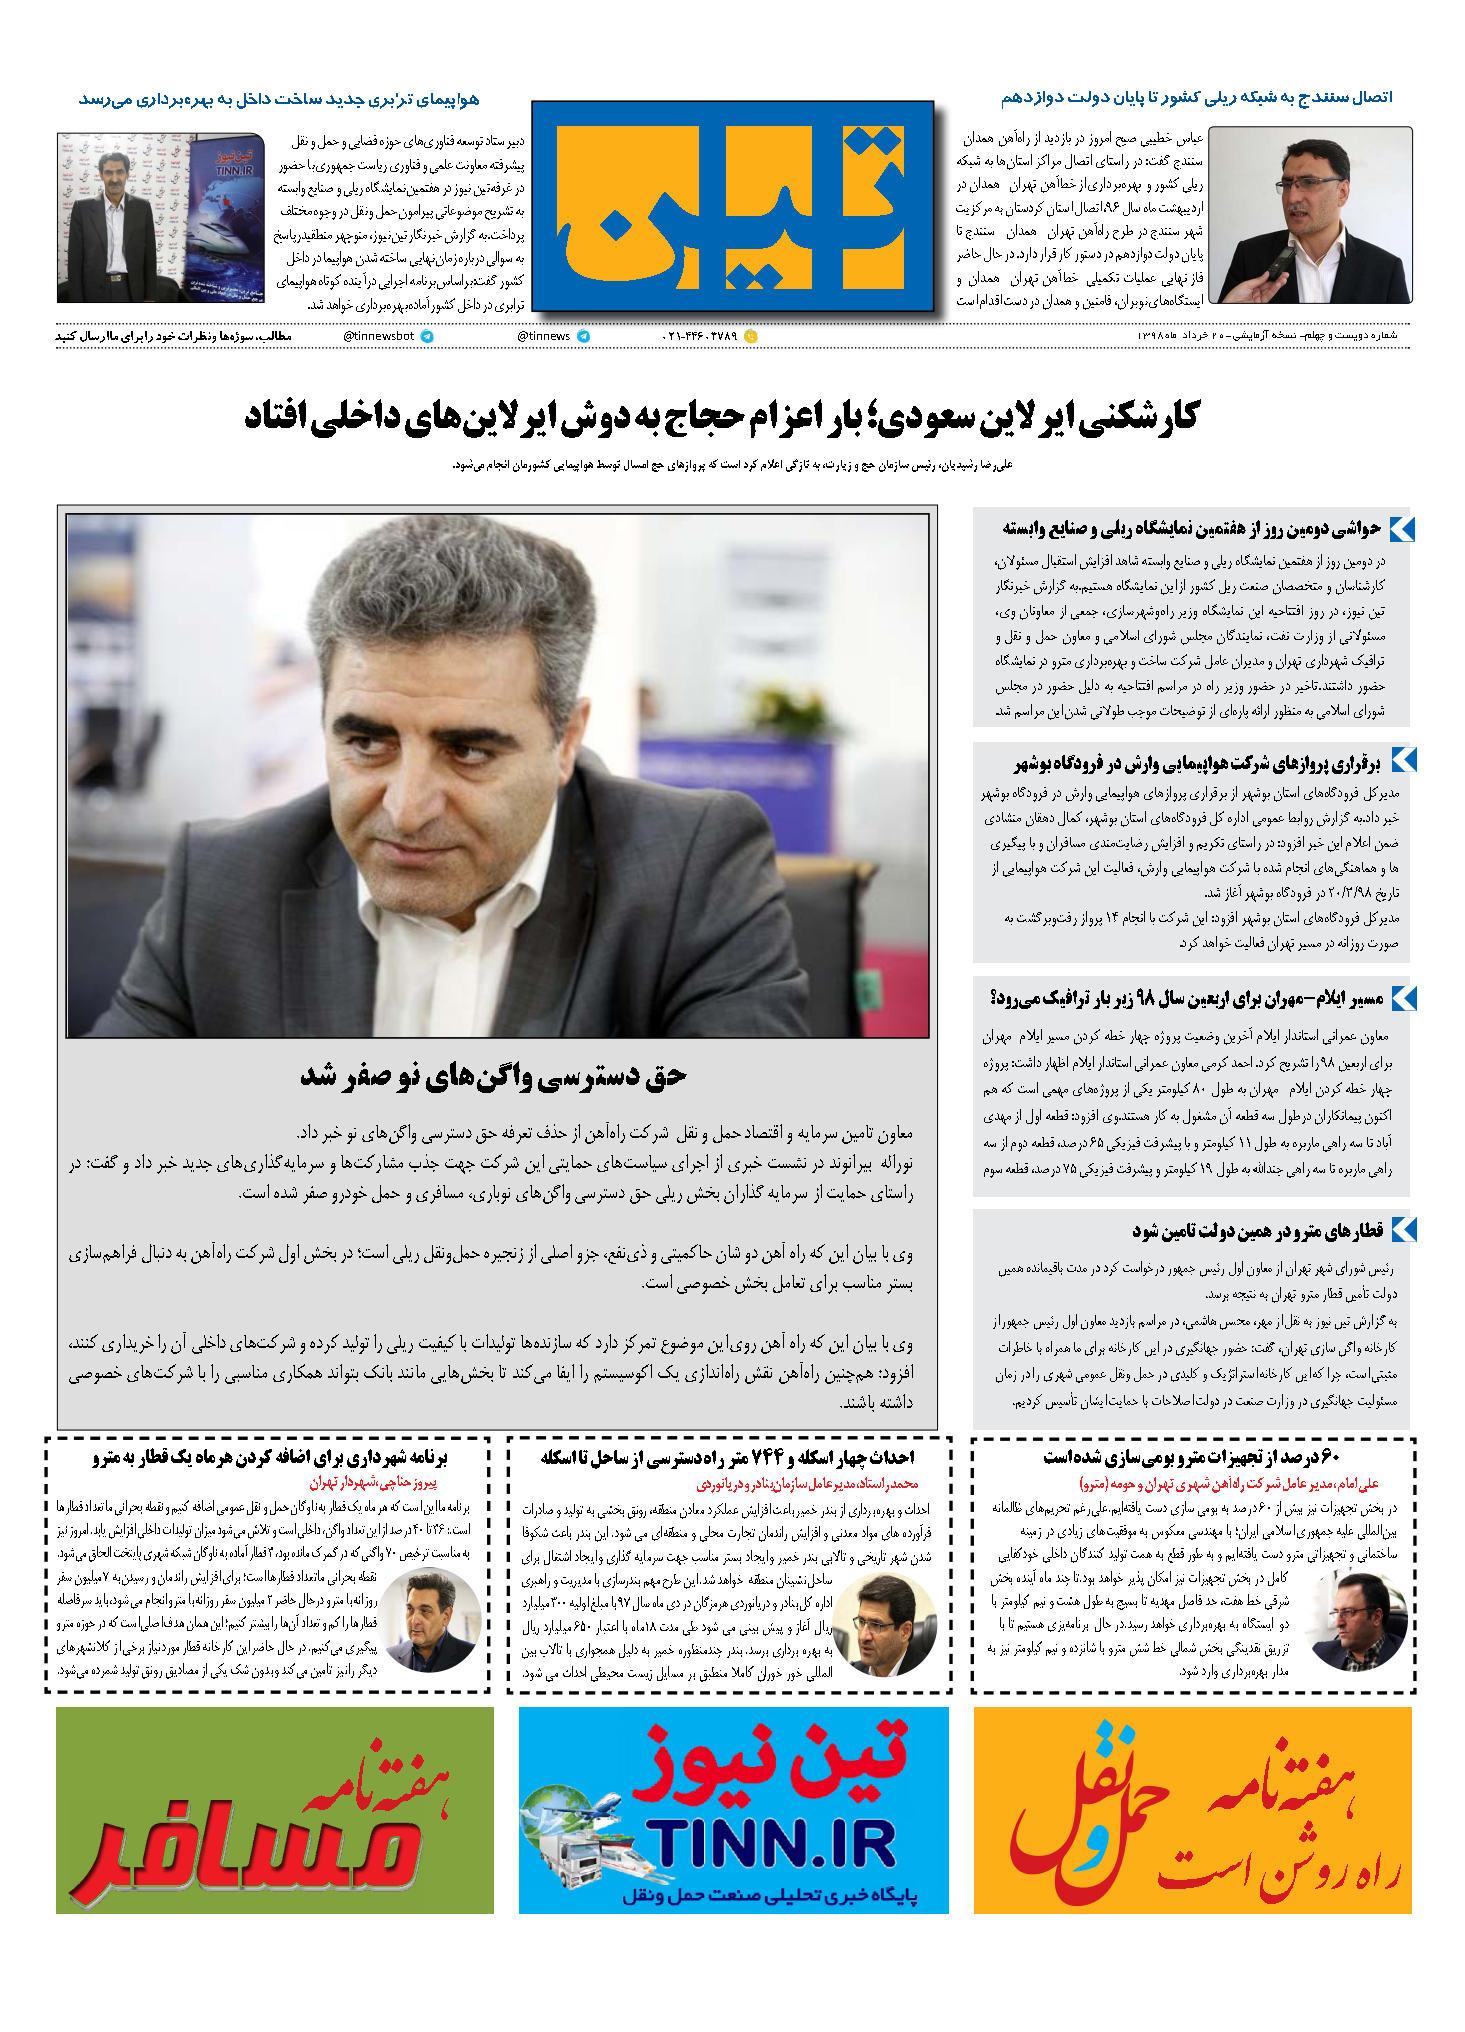 روزنامه الکترونیک 20 خرداد ماه 98